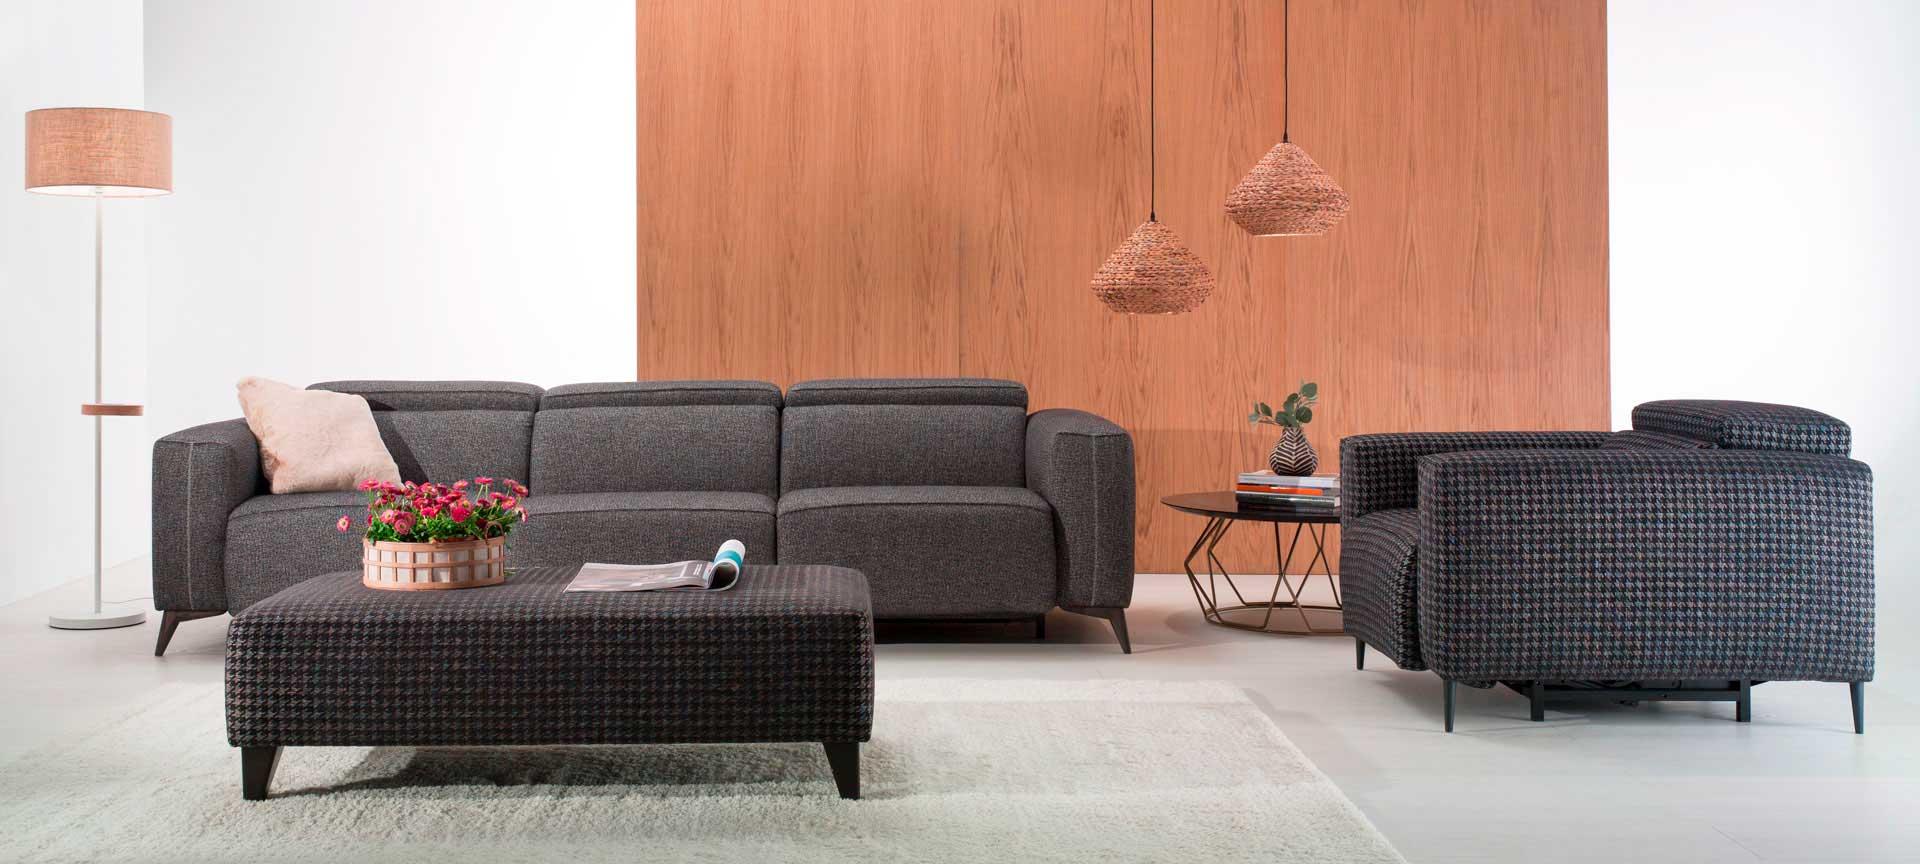 sofa Hanoi gris de diseño con mecanismos relax mimma gallery